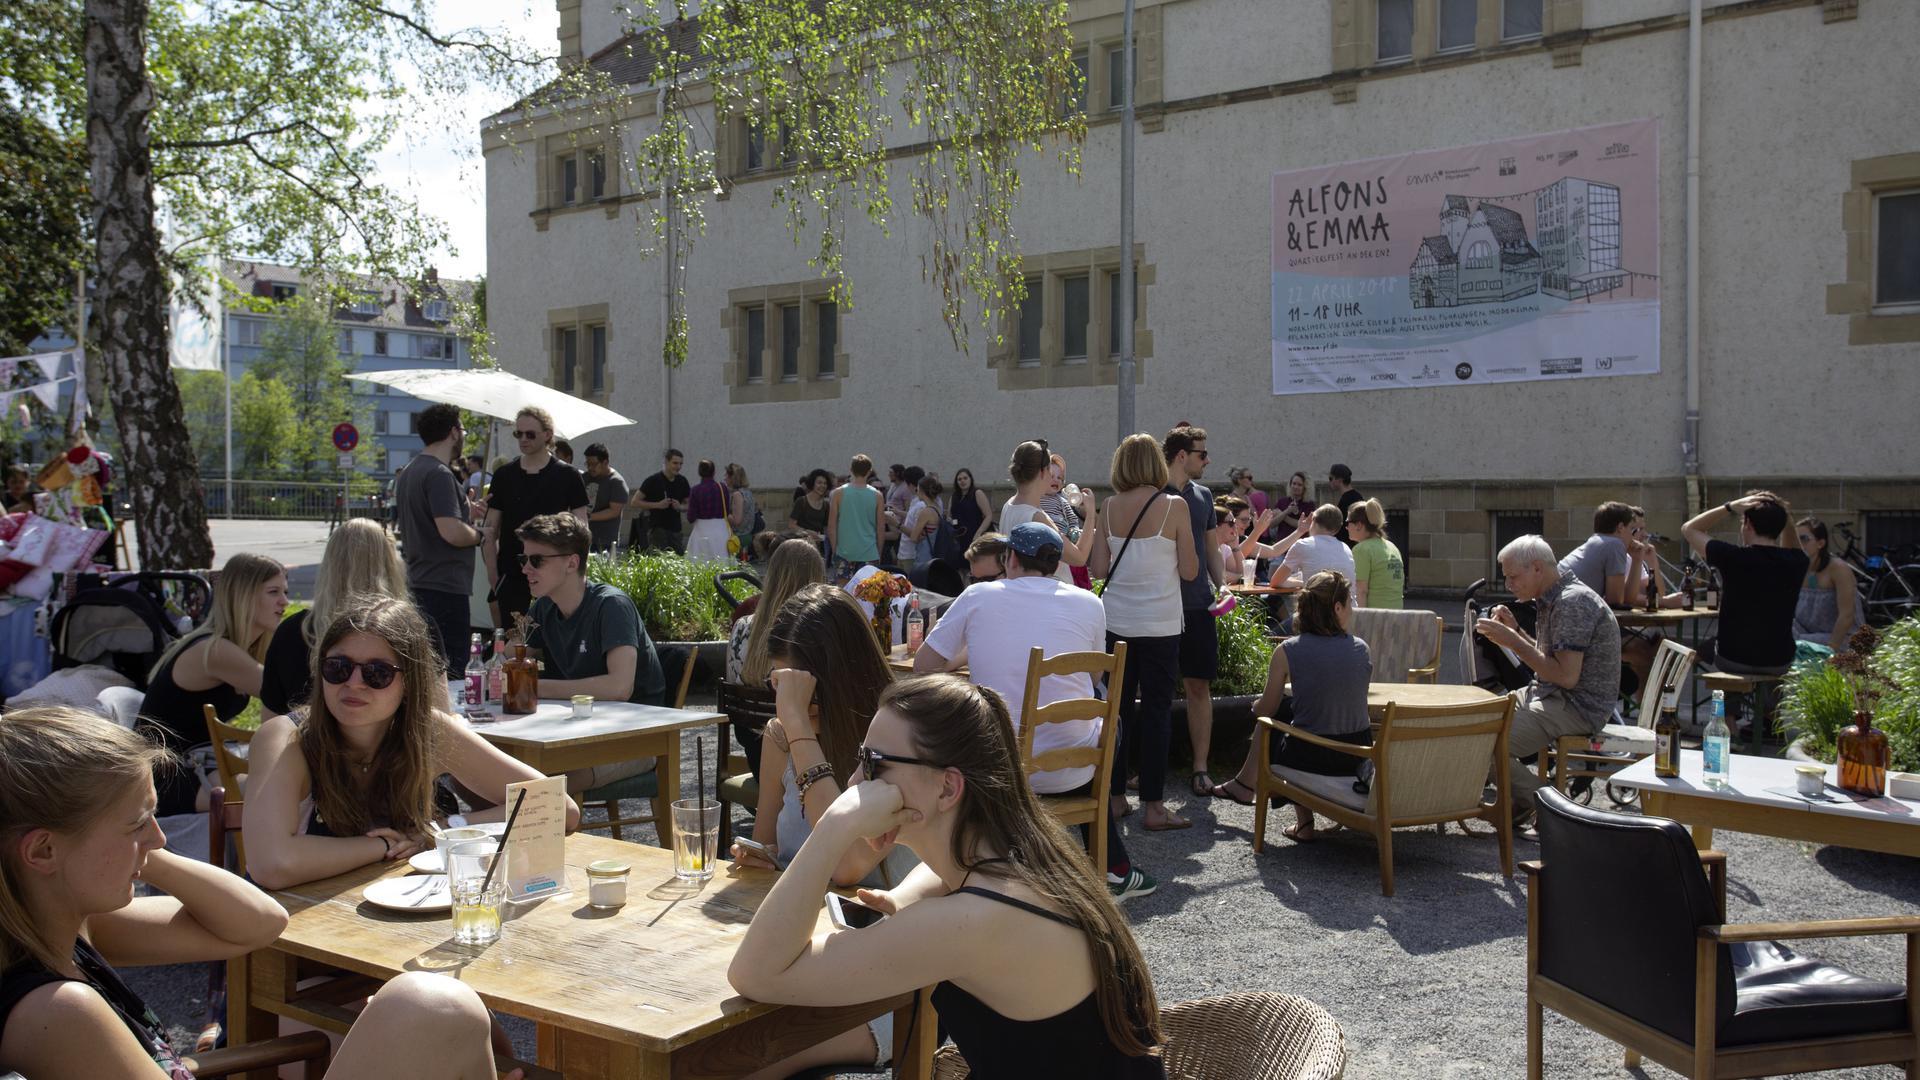 """DIE NEUE KOMBINATION AUS """"EMMA UND ALFONS"""" soll bei Würdigung von fünf Jahre Kreativzentrum in Pforzheim im Mittelpunkt stehen. Beim Quartiersfest im Mai zeigte sich, dass sie bereits jetzt für ein neues Miteinander sorgt im Quartier. Archivfoto: Tschech"""